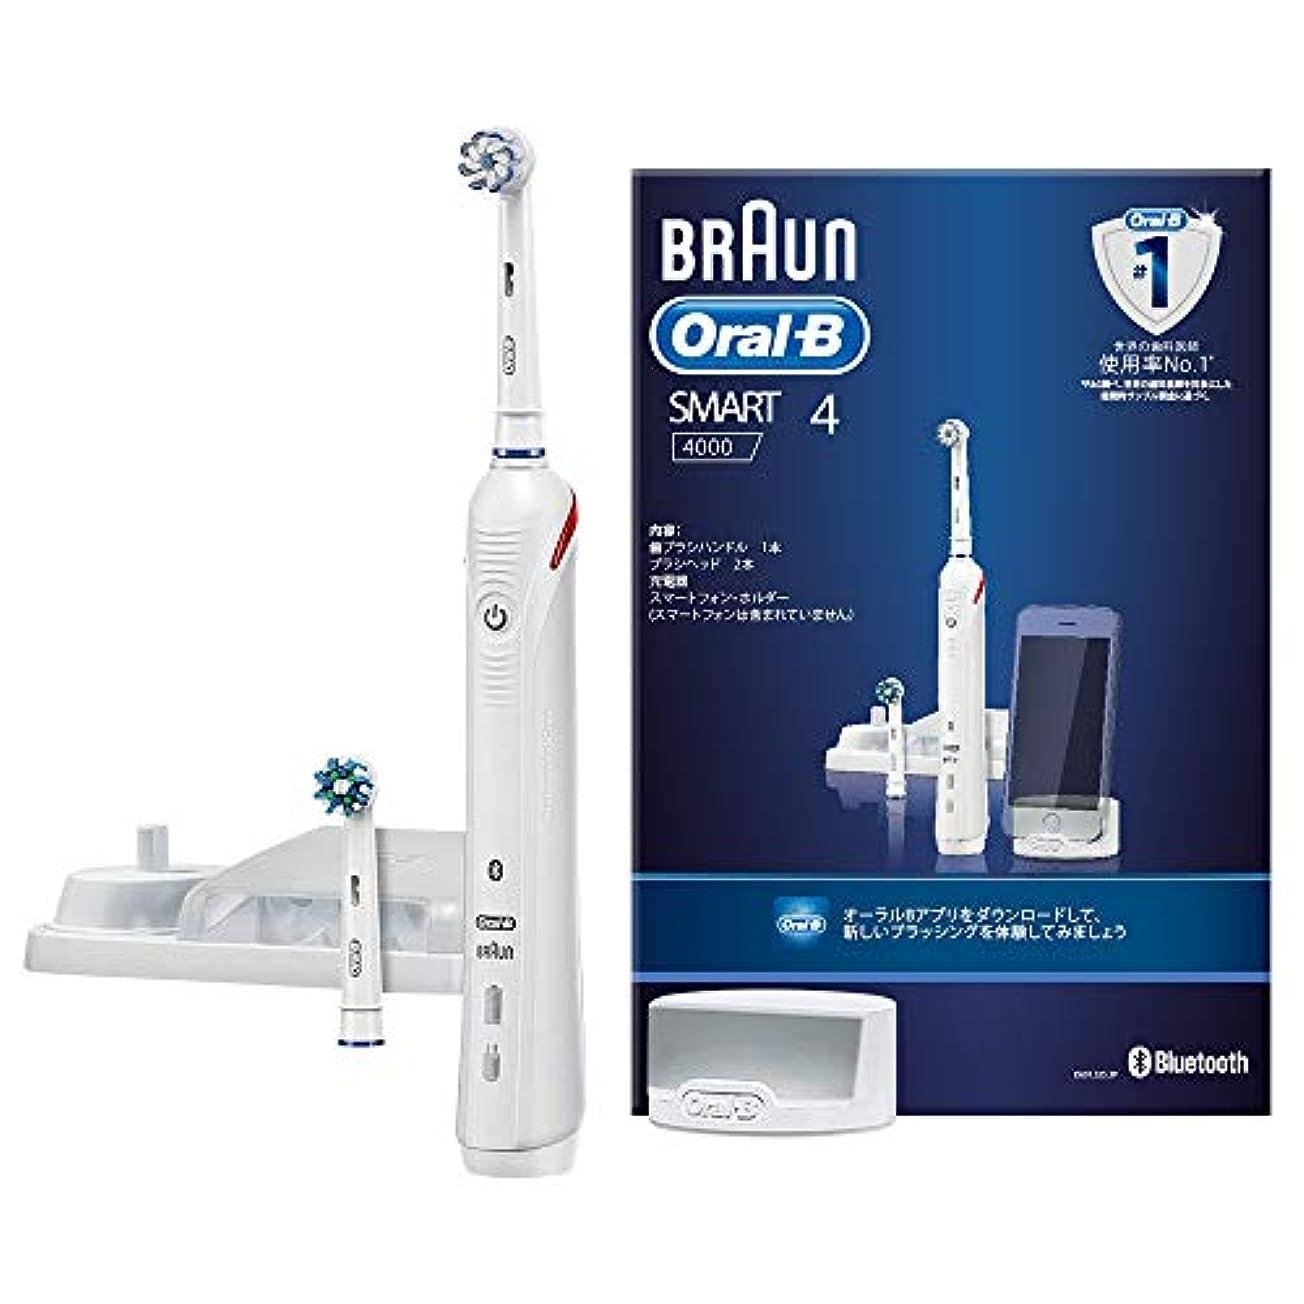 デッド災害財団ブラウン オーラルB 電動歯ブラシ スマート4000 D6015253P